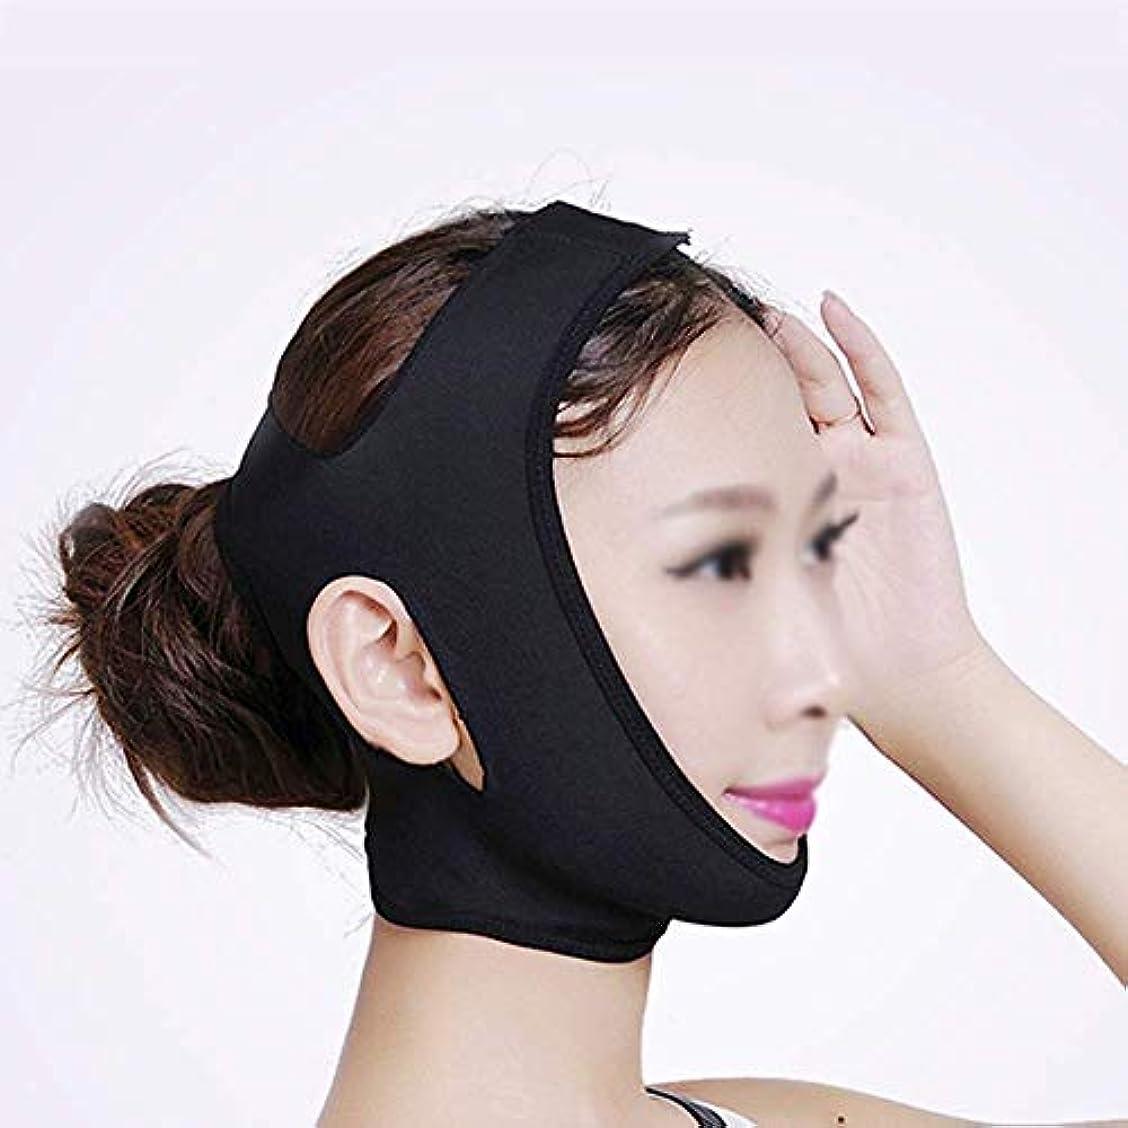 ストライクアンタゴニストと組むフェイシャル減量マスクリフティングフェイス、フェイスマスク、減量包帯を除去するためのダブルチン、フェイシャルリフティング包帯、ダブルチンを減らすためのリフティングベルト(カラー:ブラック、サイズ:M),黒、XXL